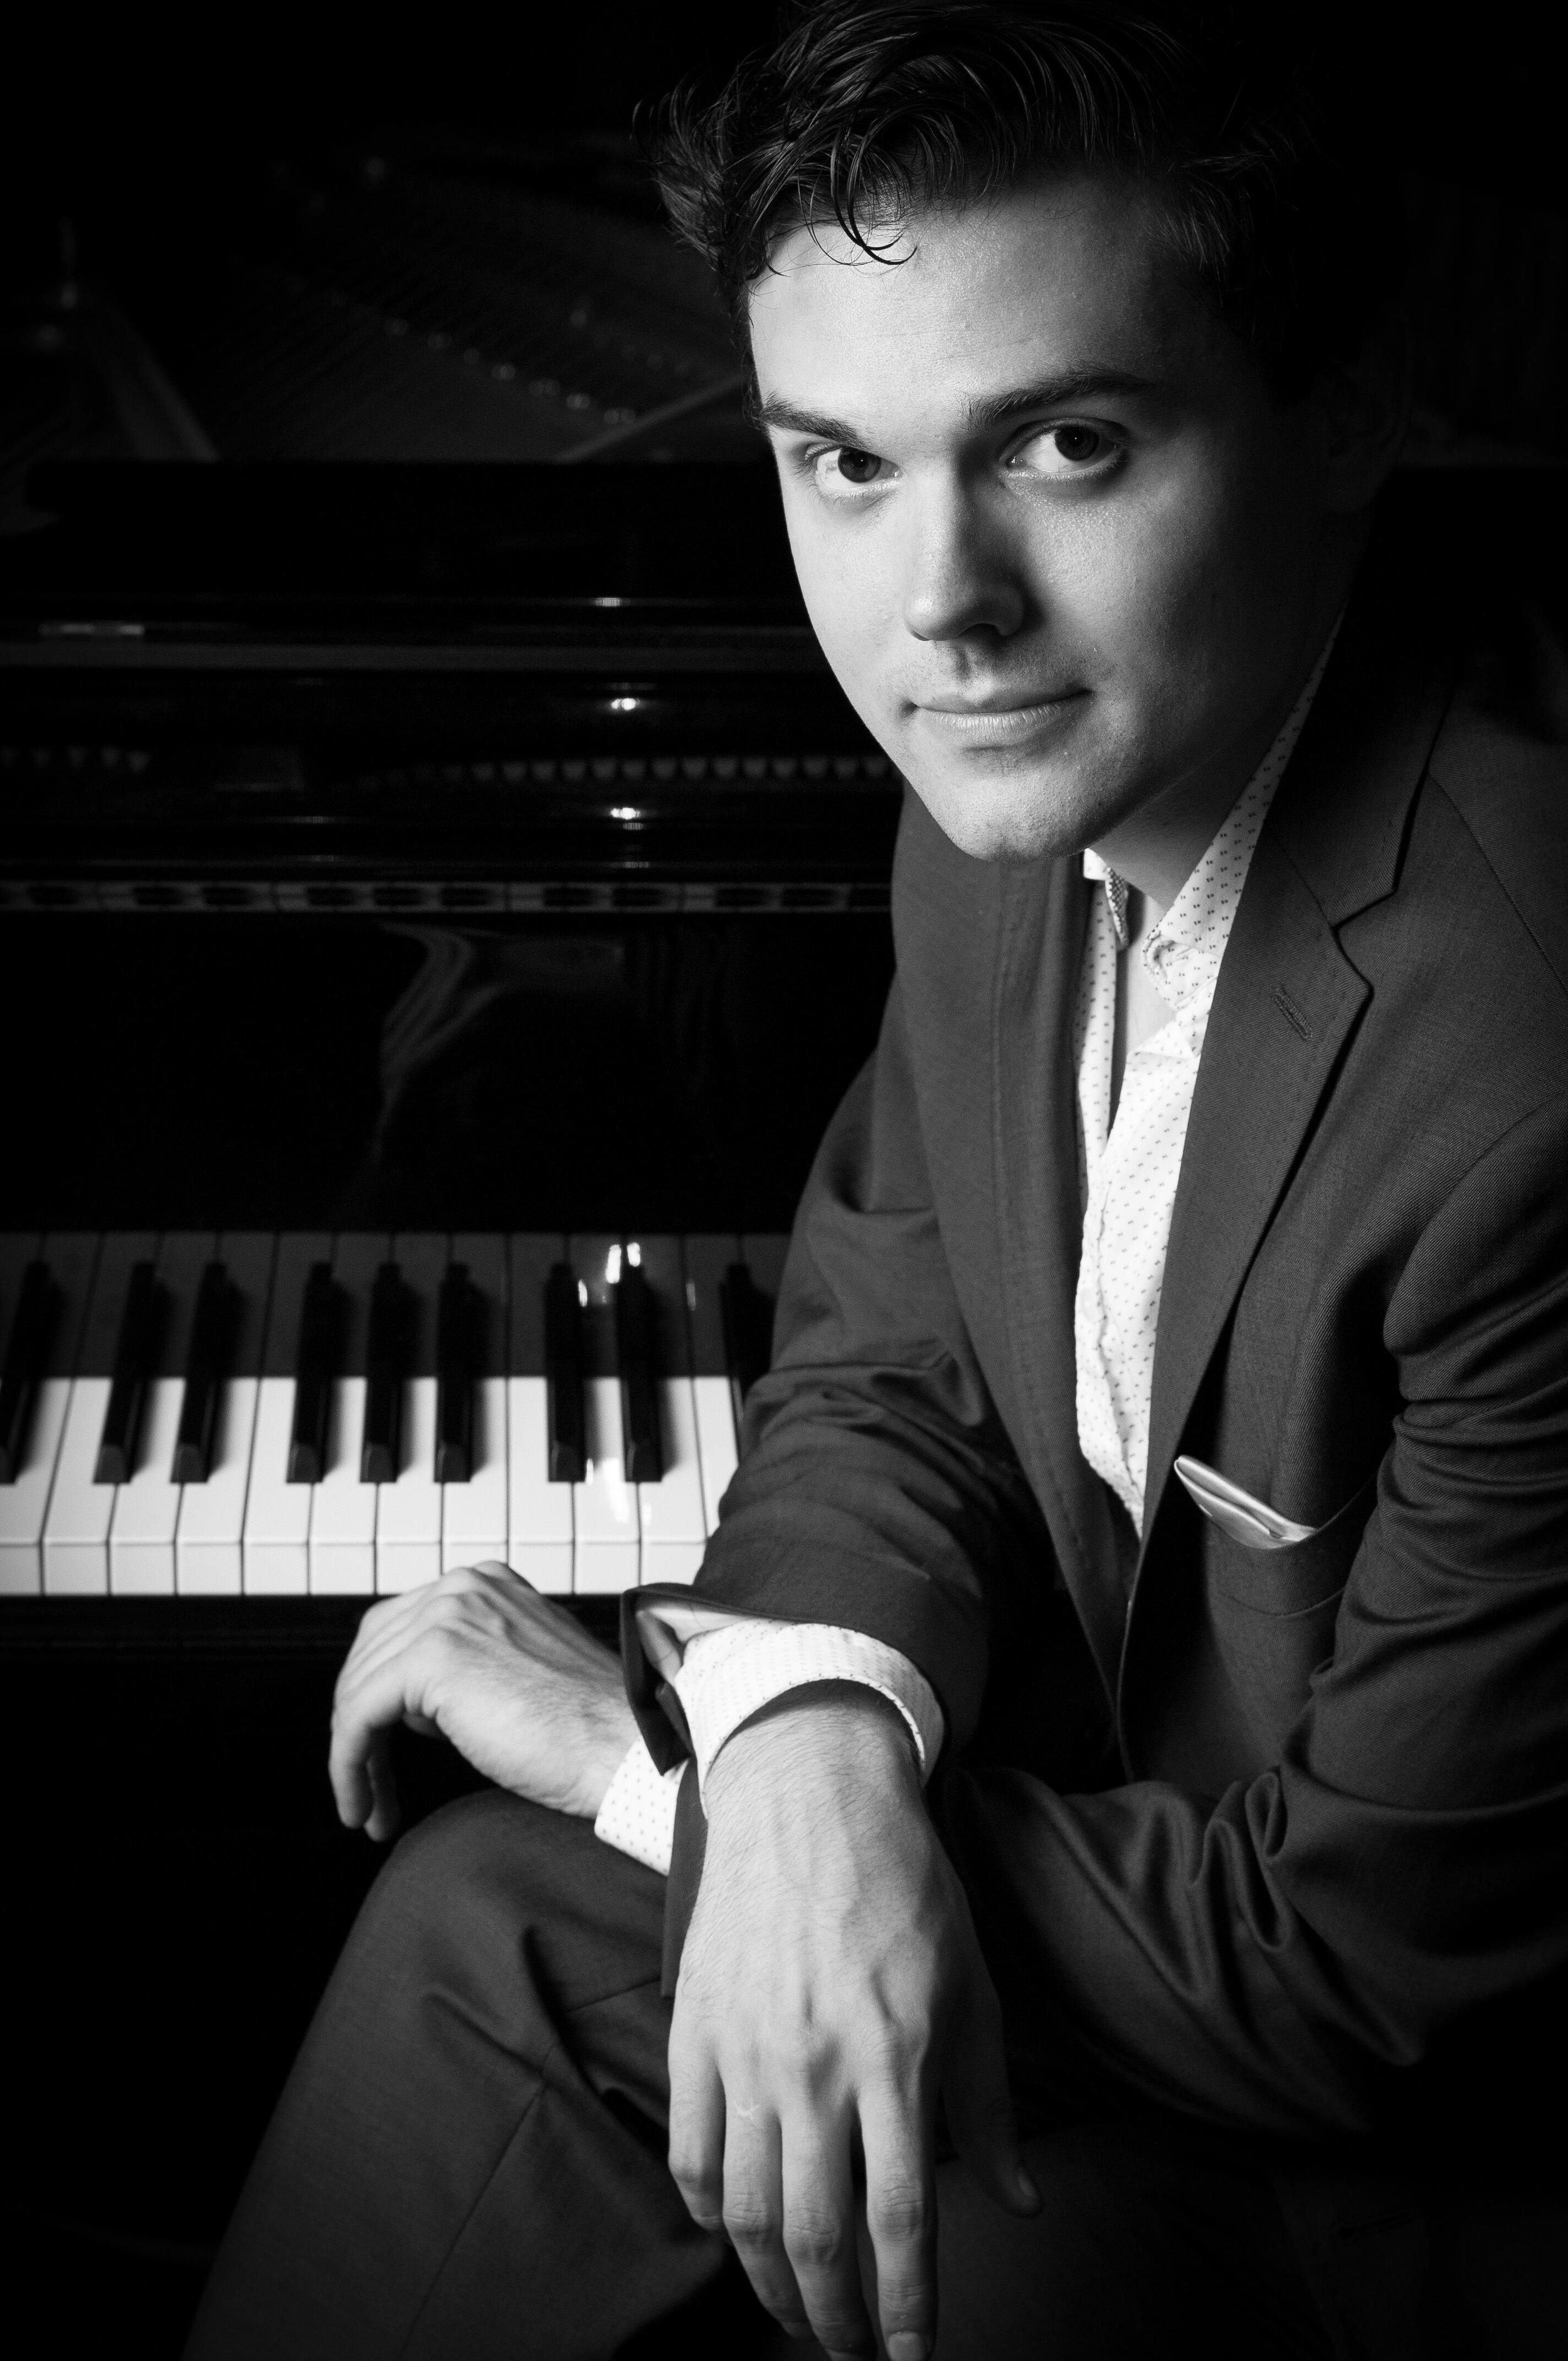 CHOPIN Étude in E Minor, Op. 25 No. 5;Scherzo No. 4 in E Major, Op. 54 - Jarred Dunn, piano